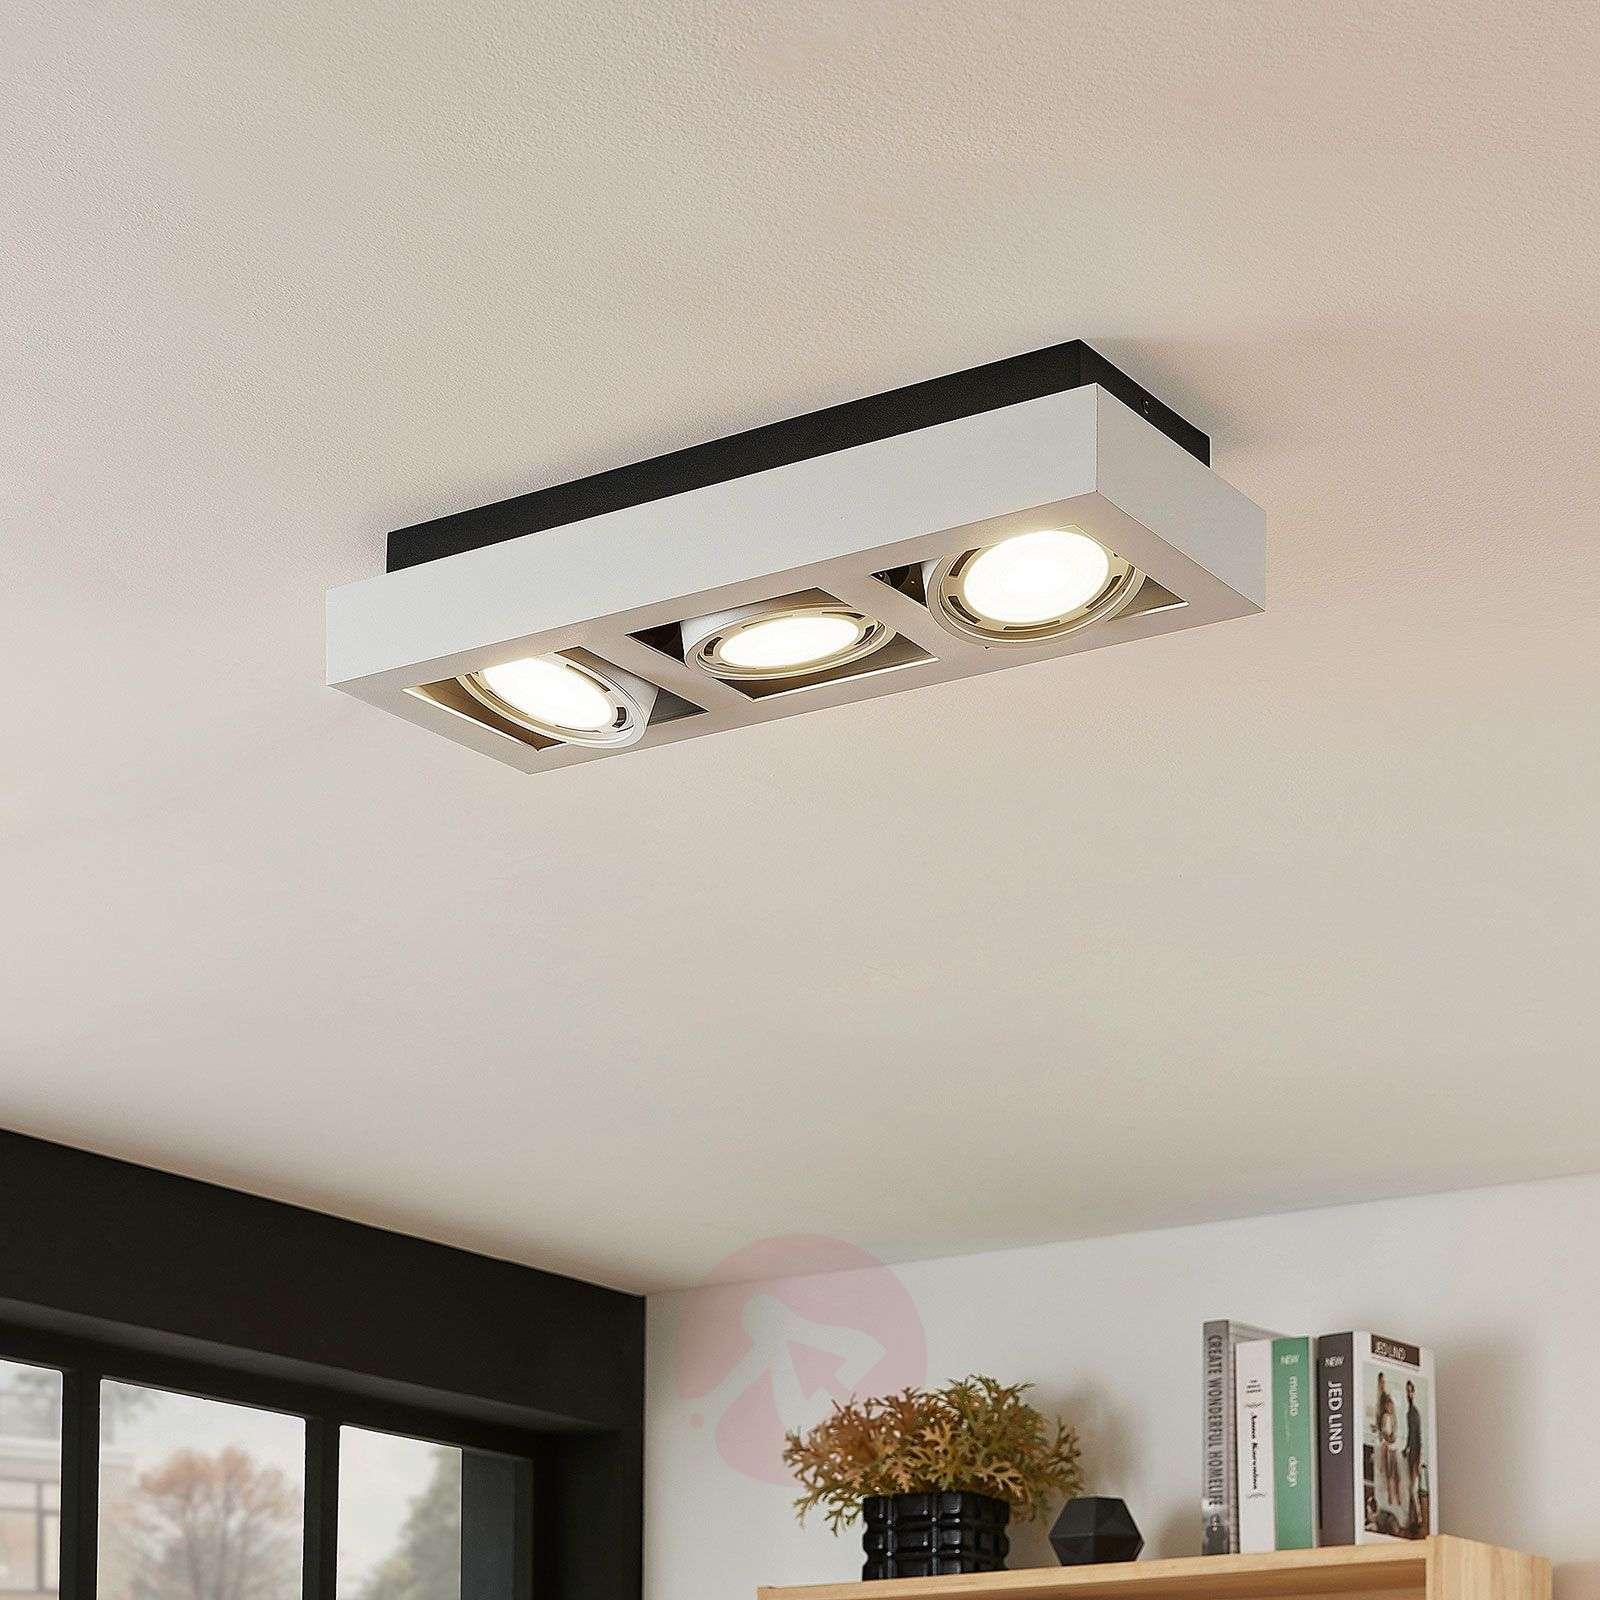 LED-kattospotti Ronka, GU10, 3-lamppuinen, valk.-9624450-01